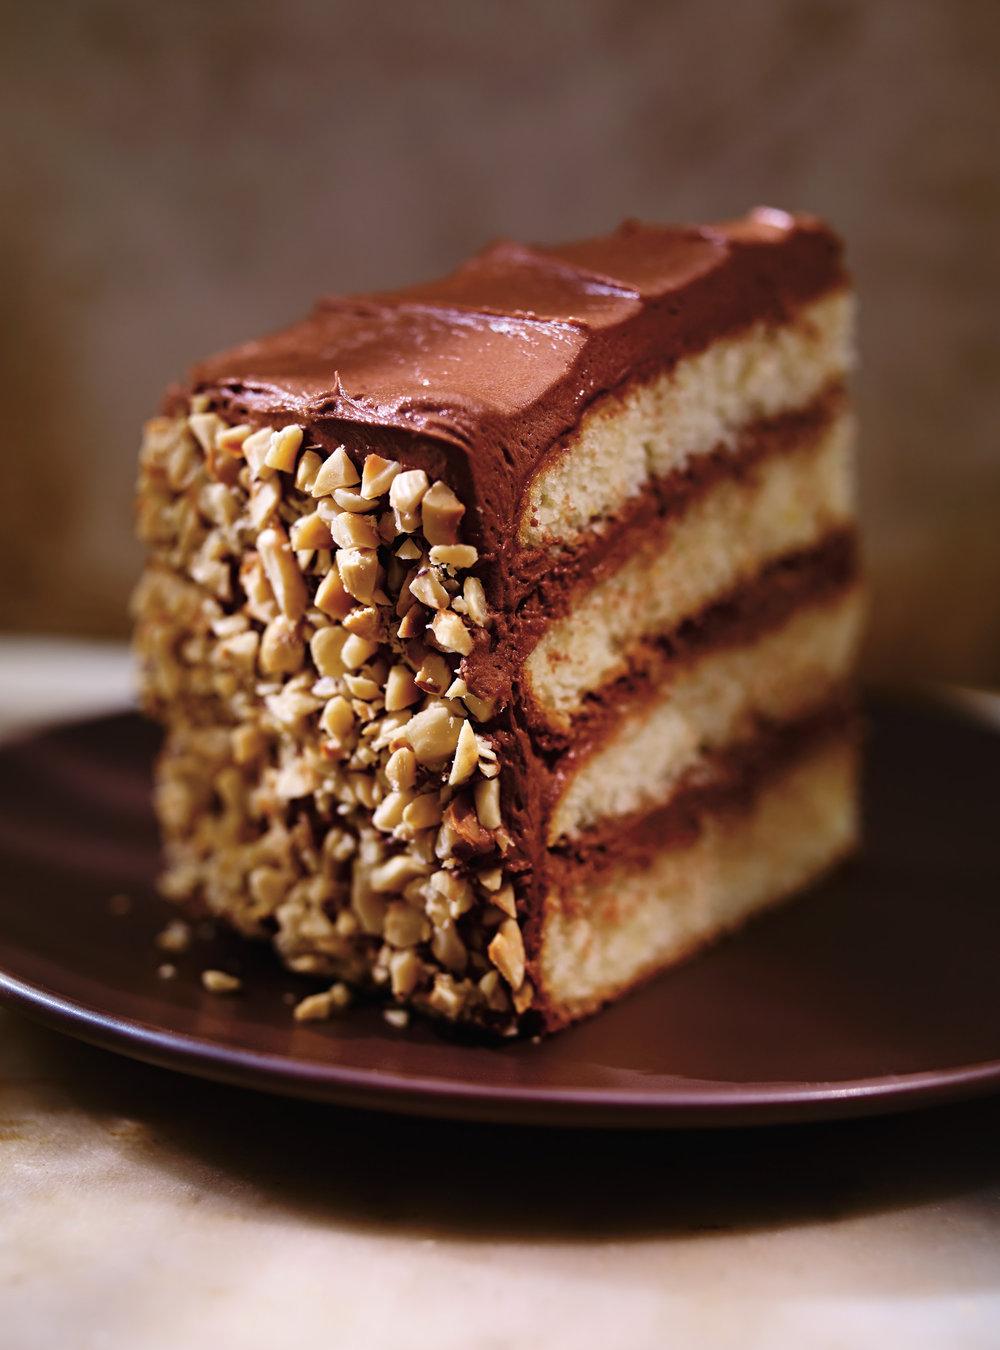 Gâteau aux noisettes, à l'orange et au chocolat (dobos torte) | ricardo